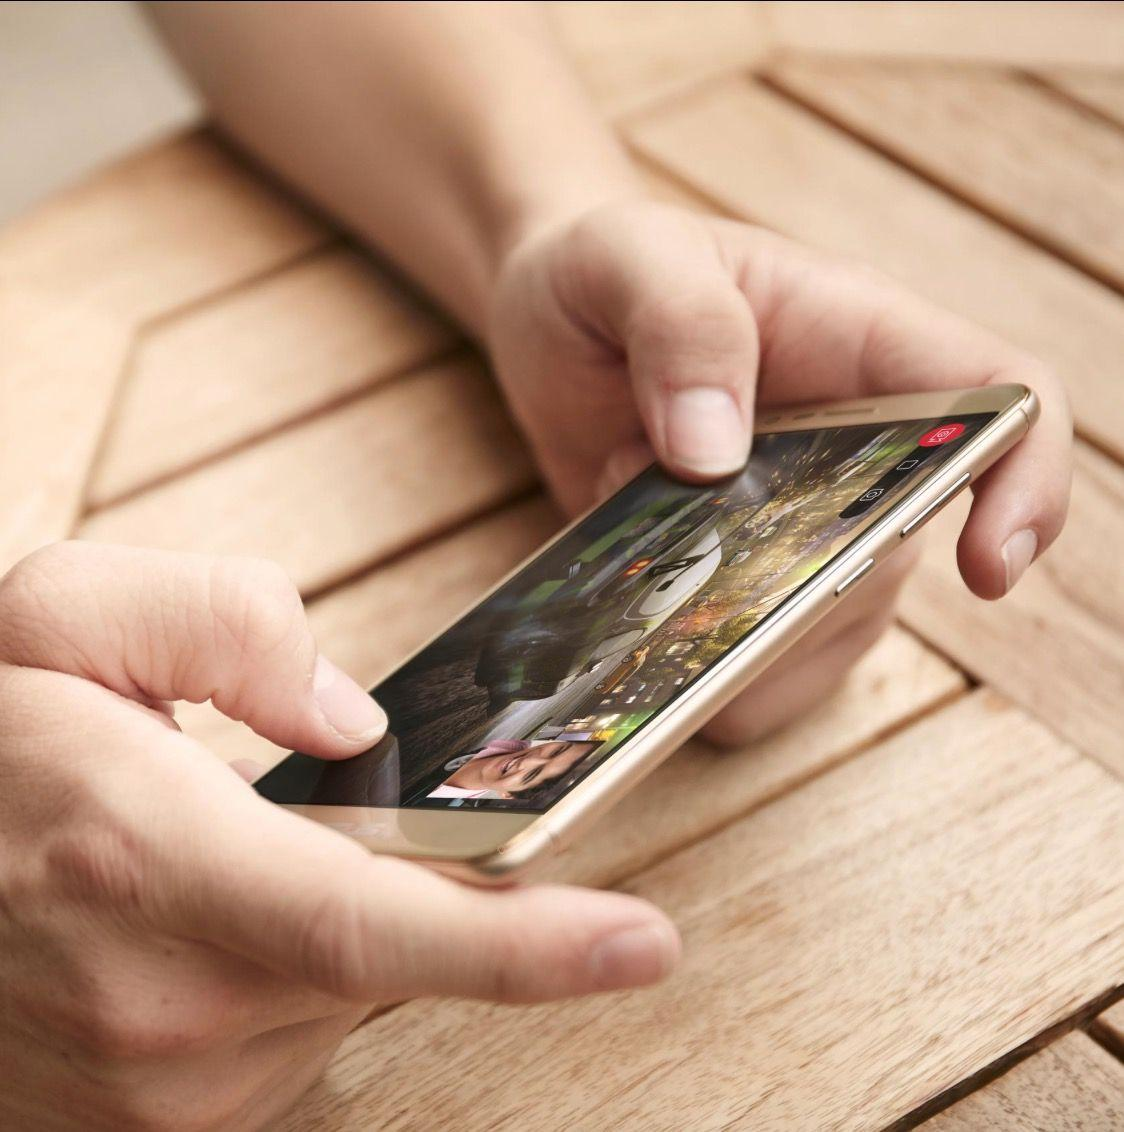 Recensione Asus Zenfone 3 Max, lo smartphone da 4100 mAh